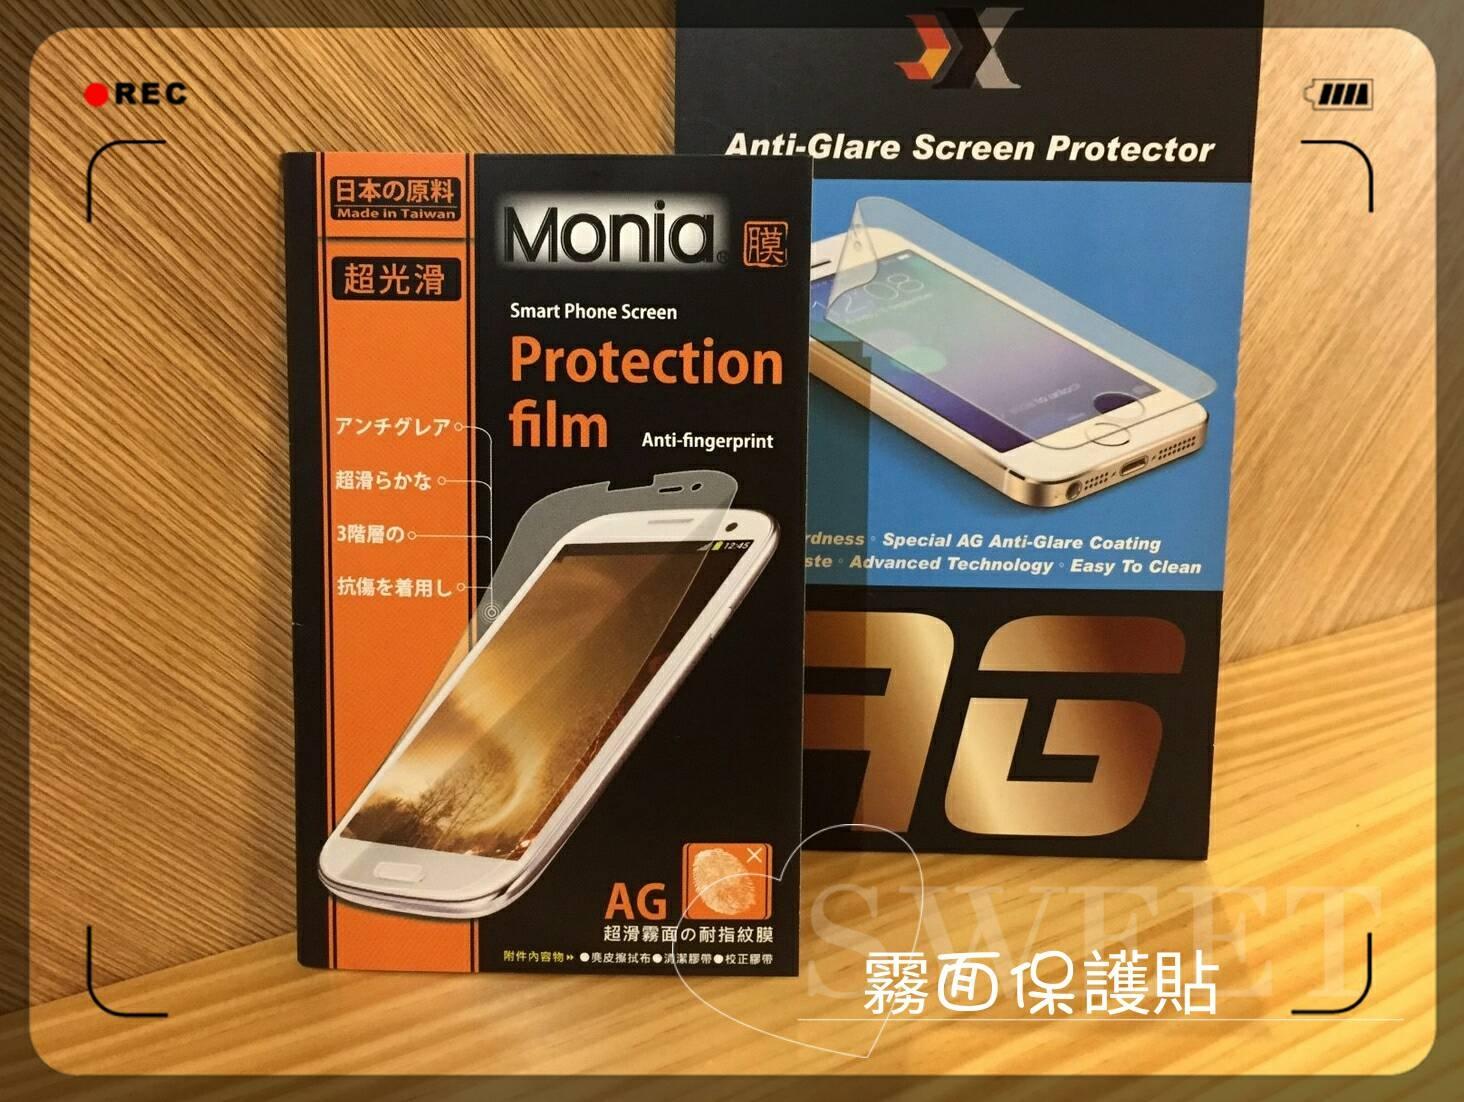 霧面保護貼SAMSUNG Tab Pro 10.1 T525 4G版10.1吋平板保護貼防指紋保護貼保護膜螢幕貼霧面貼